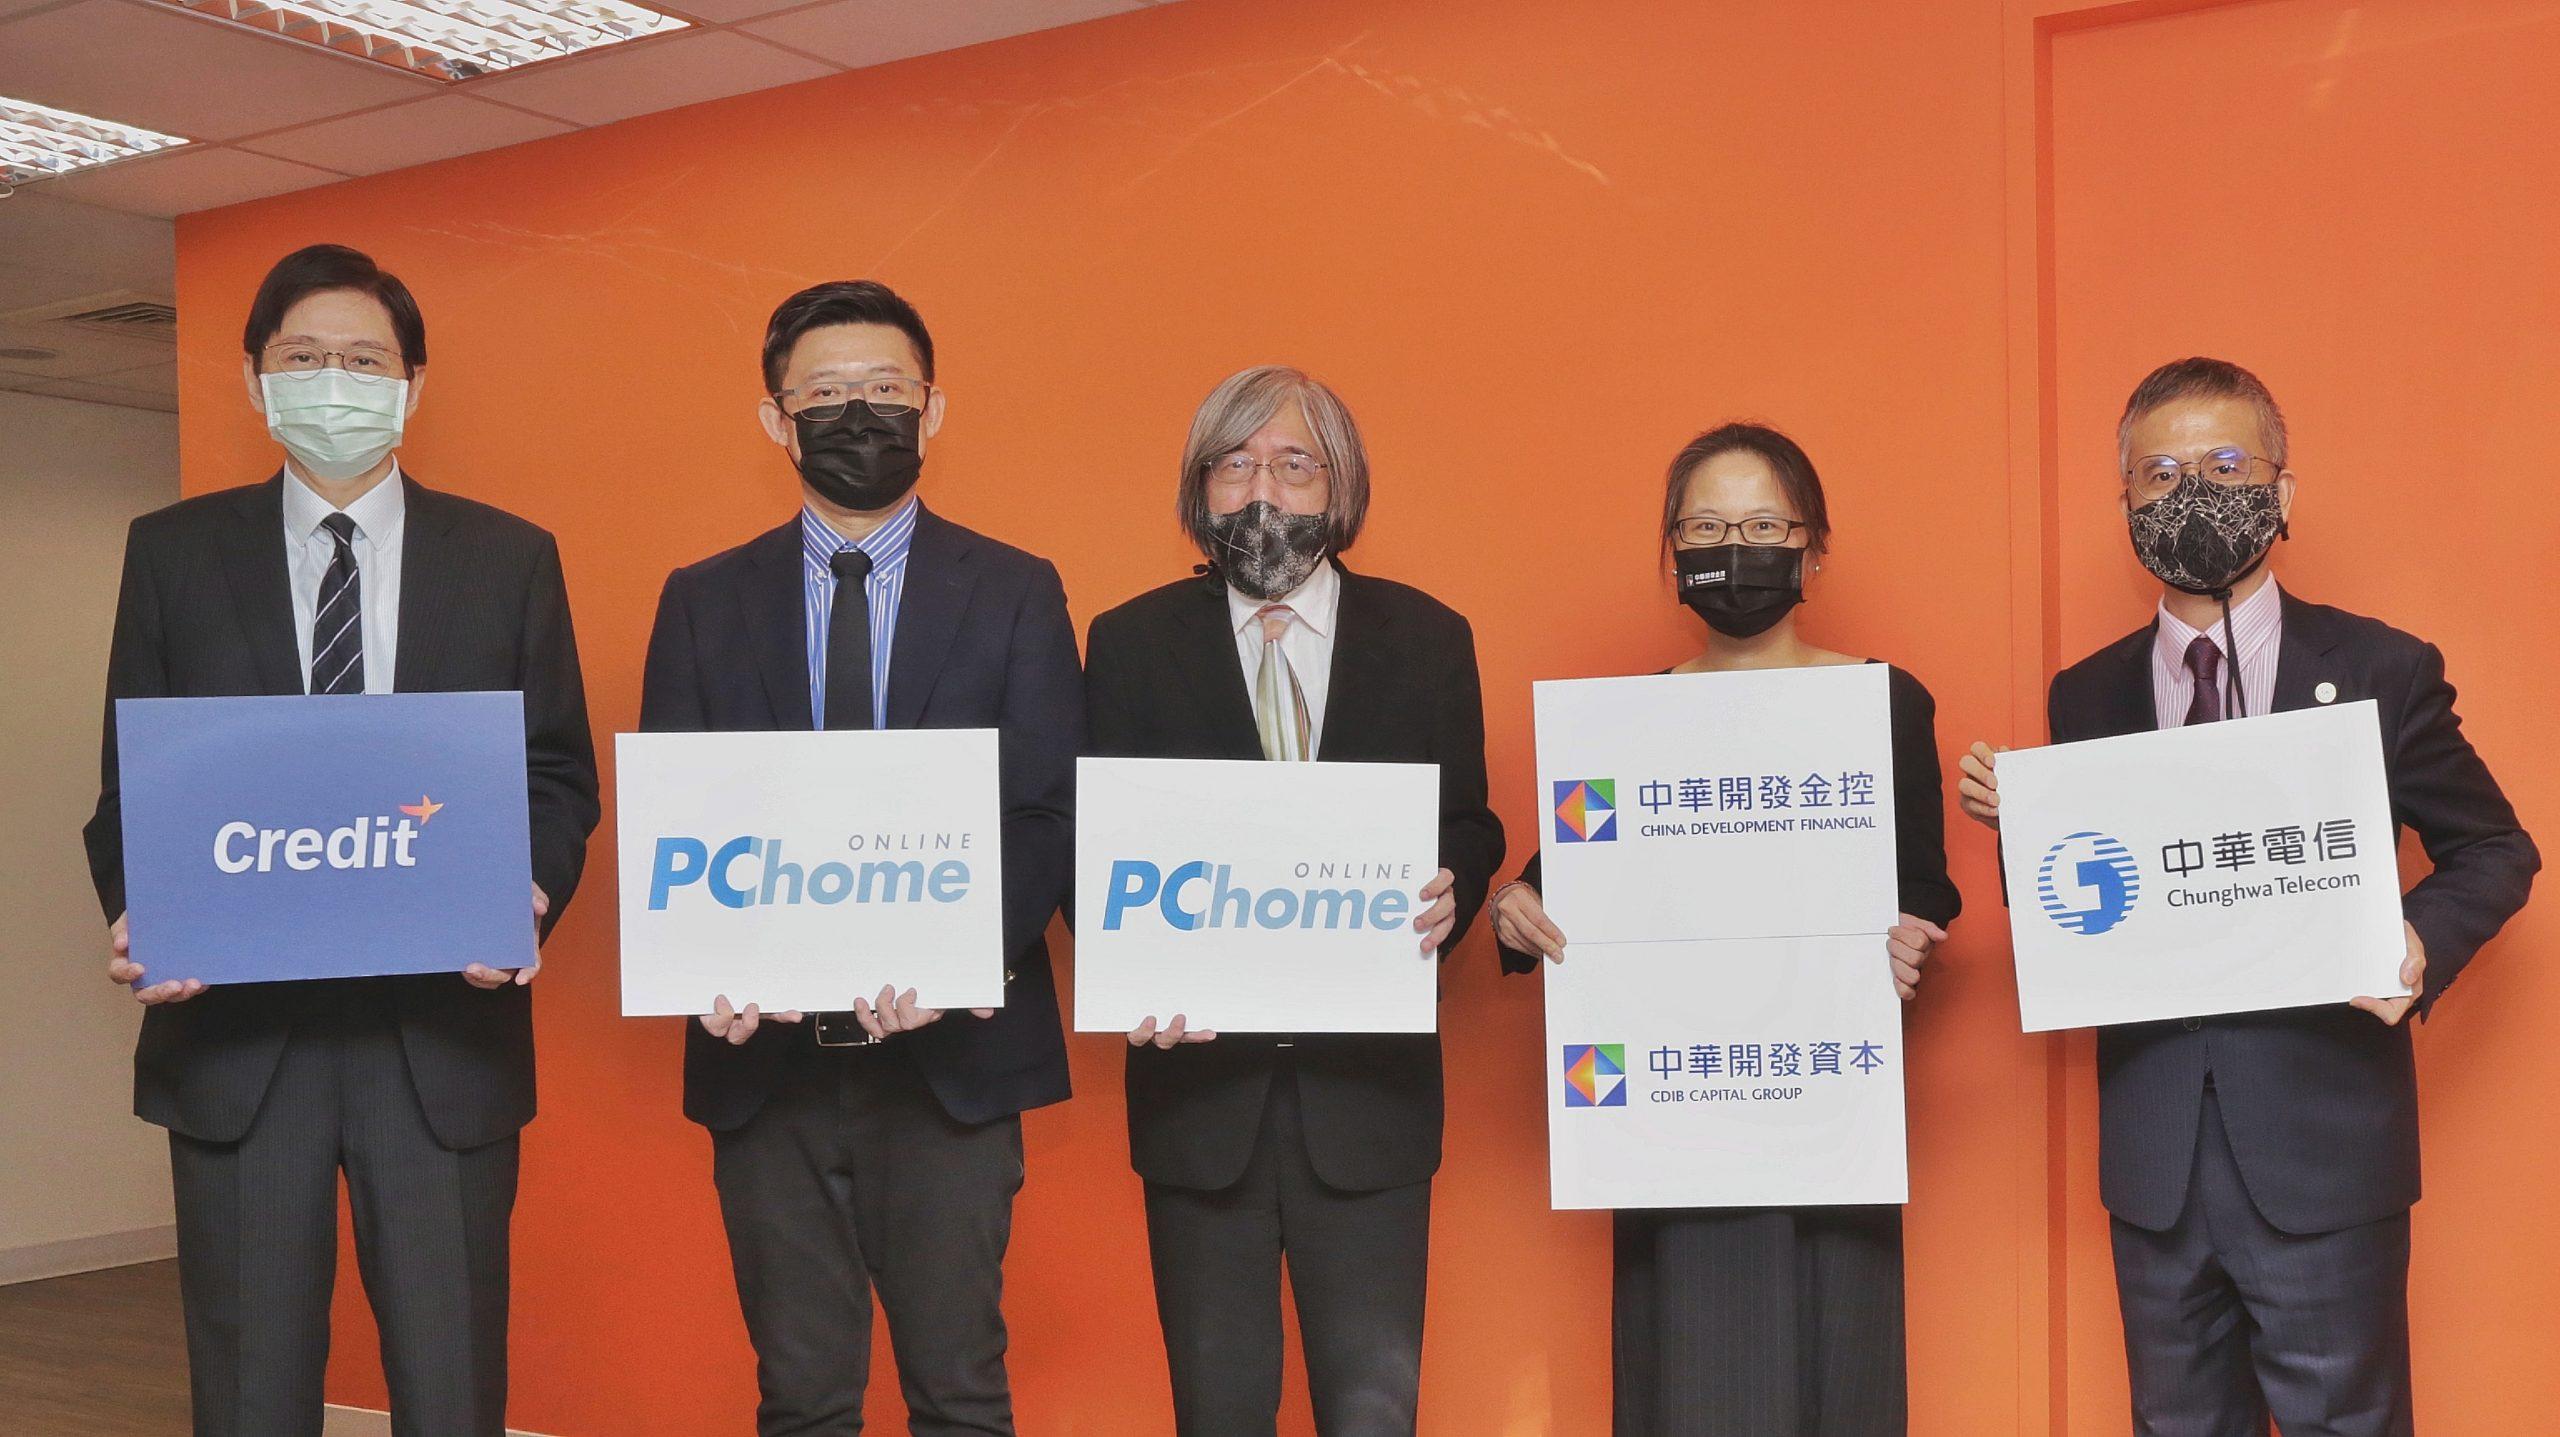 網路家庭引進策略投資人中華開發和中華電信發展數位金融科技